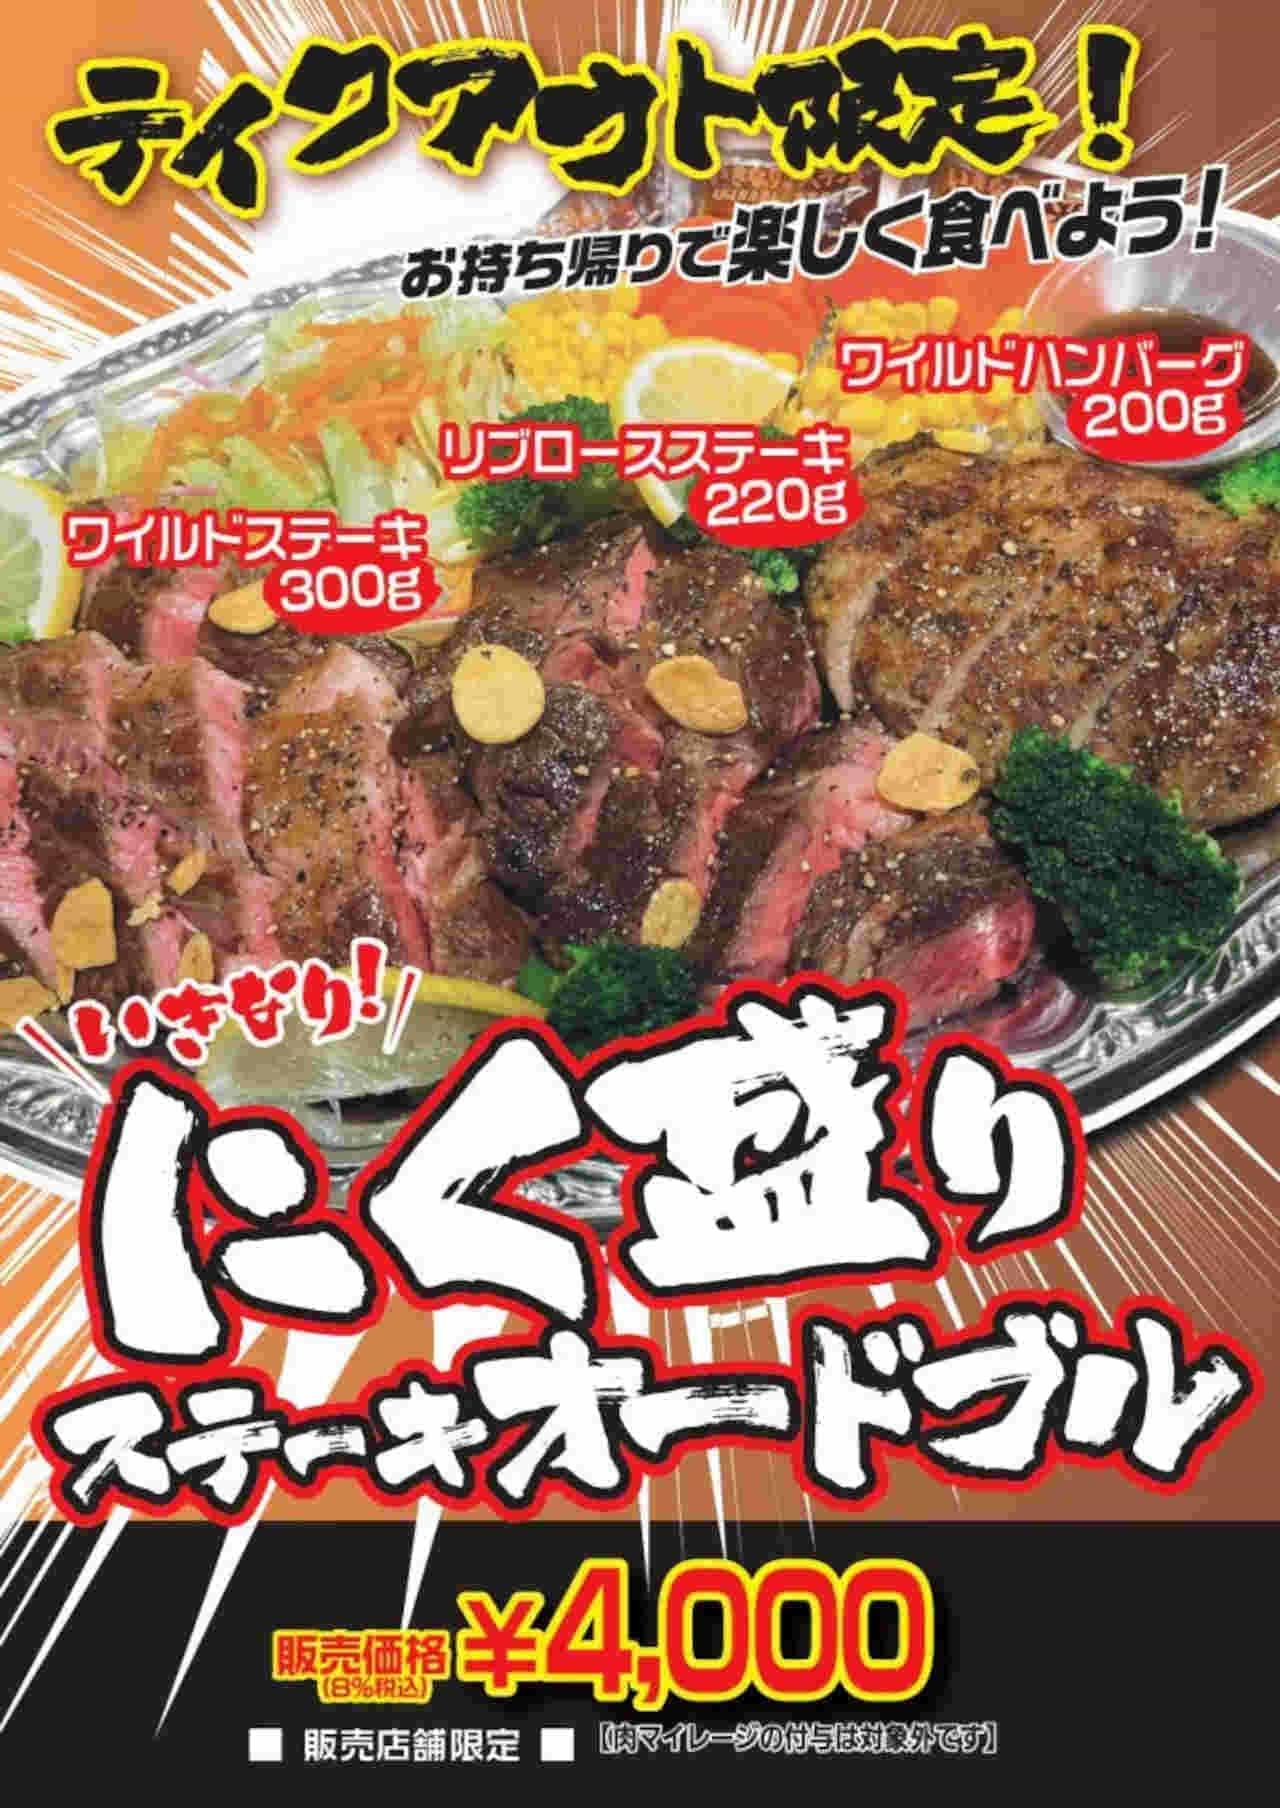 iいきなり!ステーキ「にく盛りステーキオードブル」